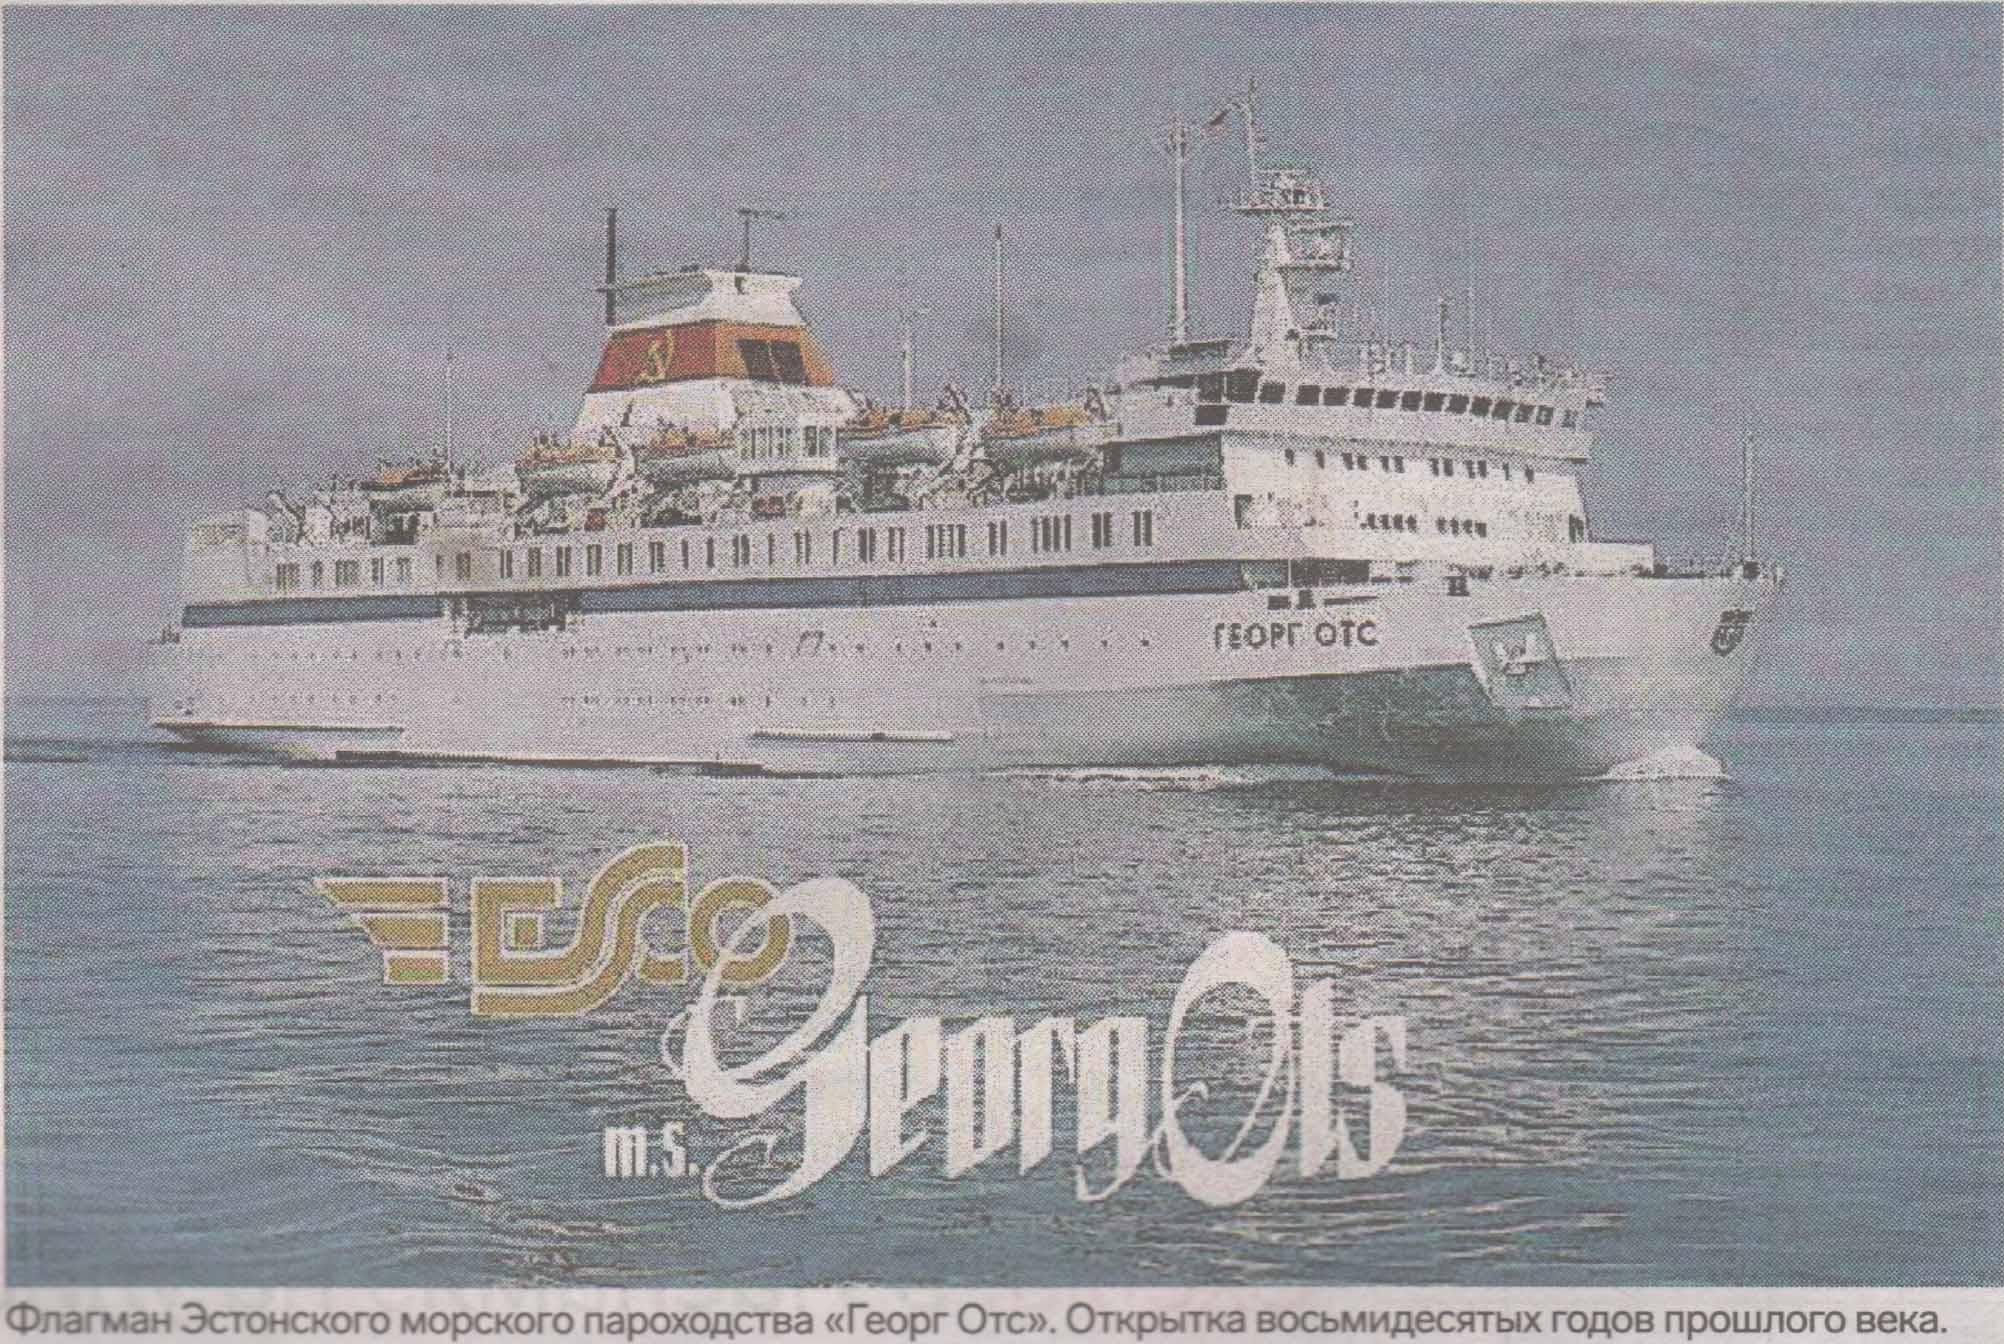 Флагман Эстонского морского пароходства «Георг Отс». Открытка восьмидесятых годов прошлого века.